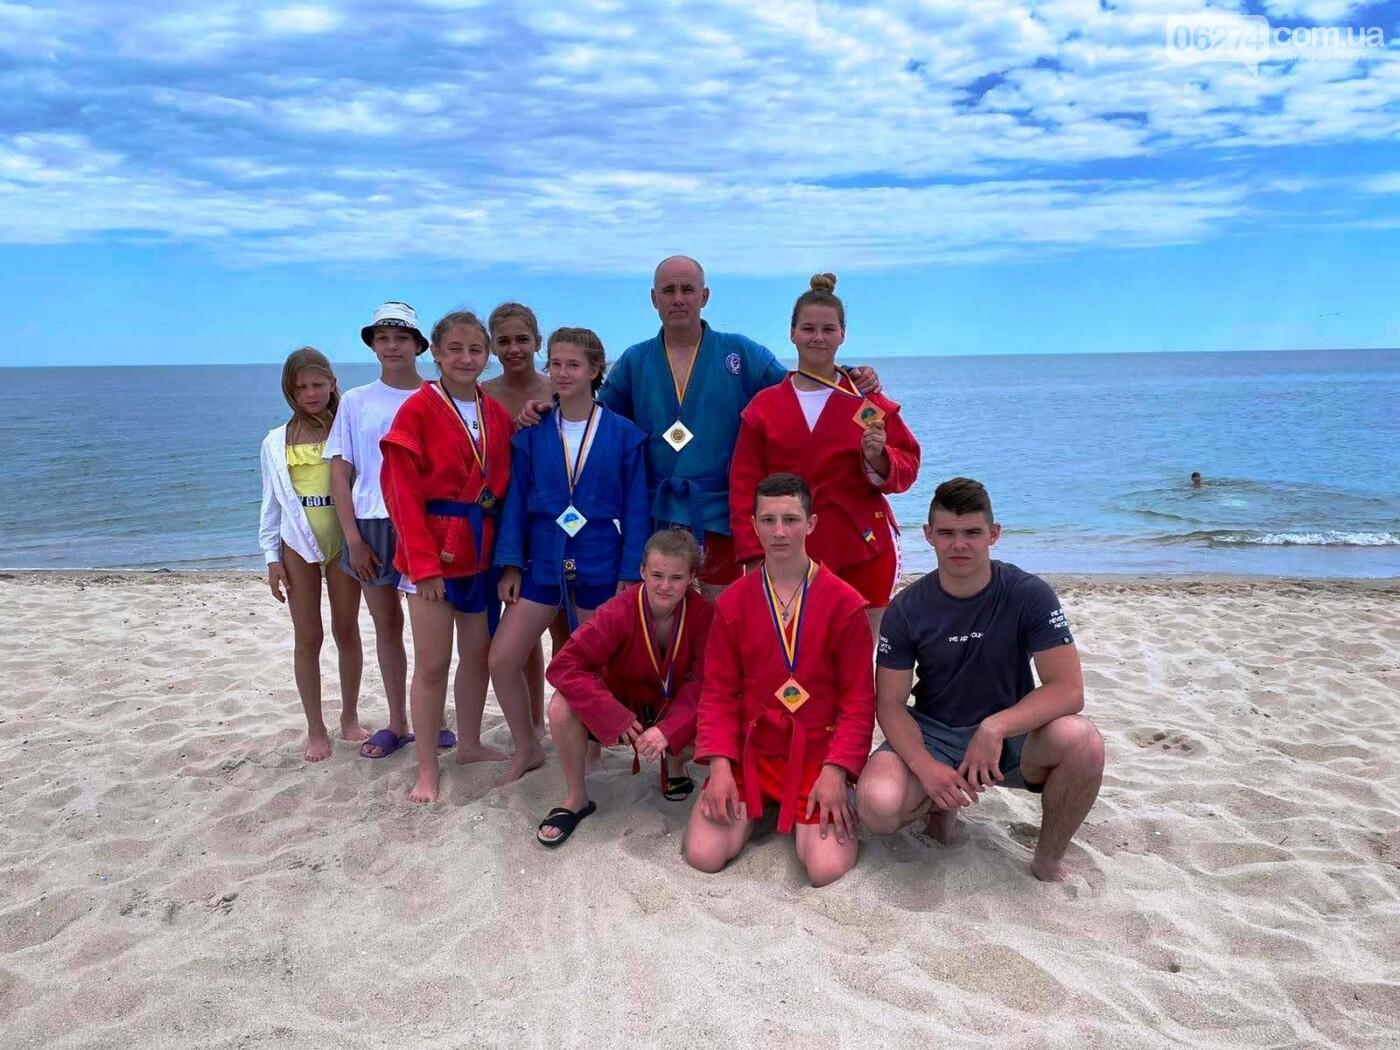 Бахмутчане успешно выступили на Чемпионате Украины по пляжному самбо, фото-3